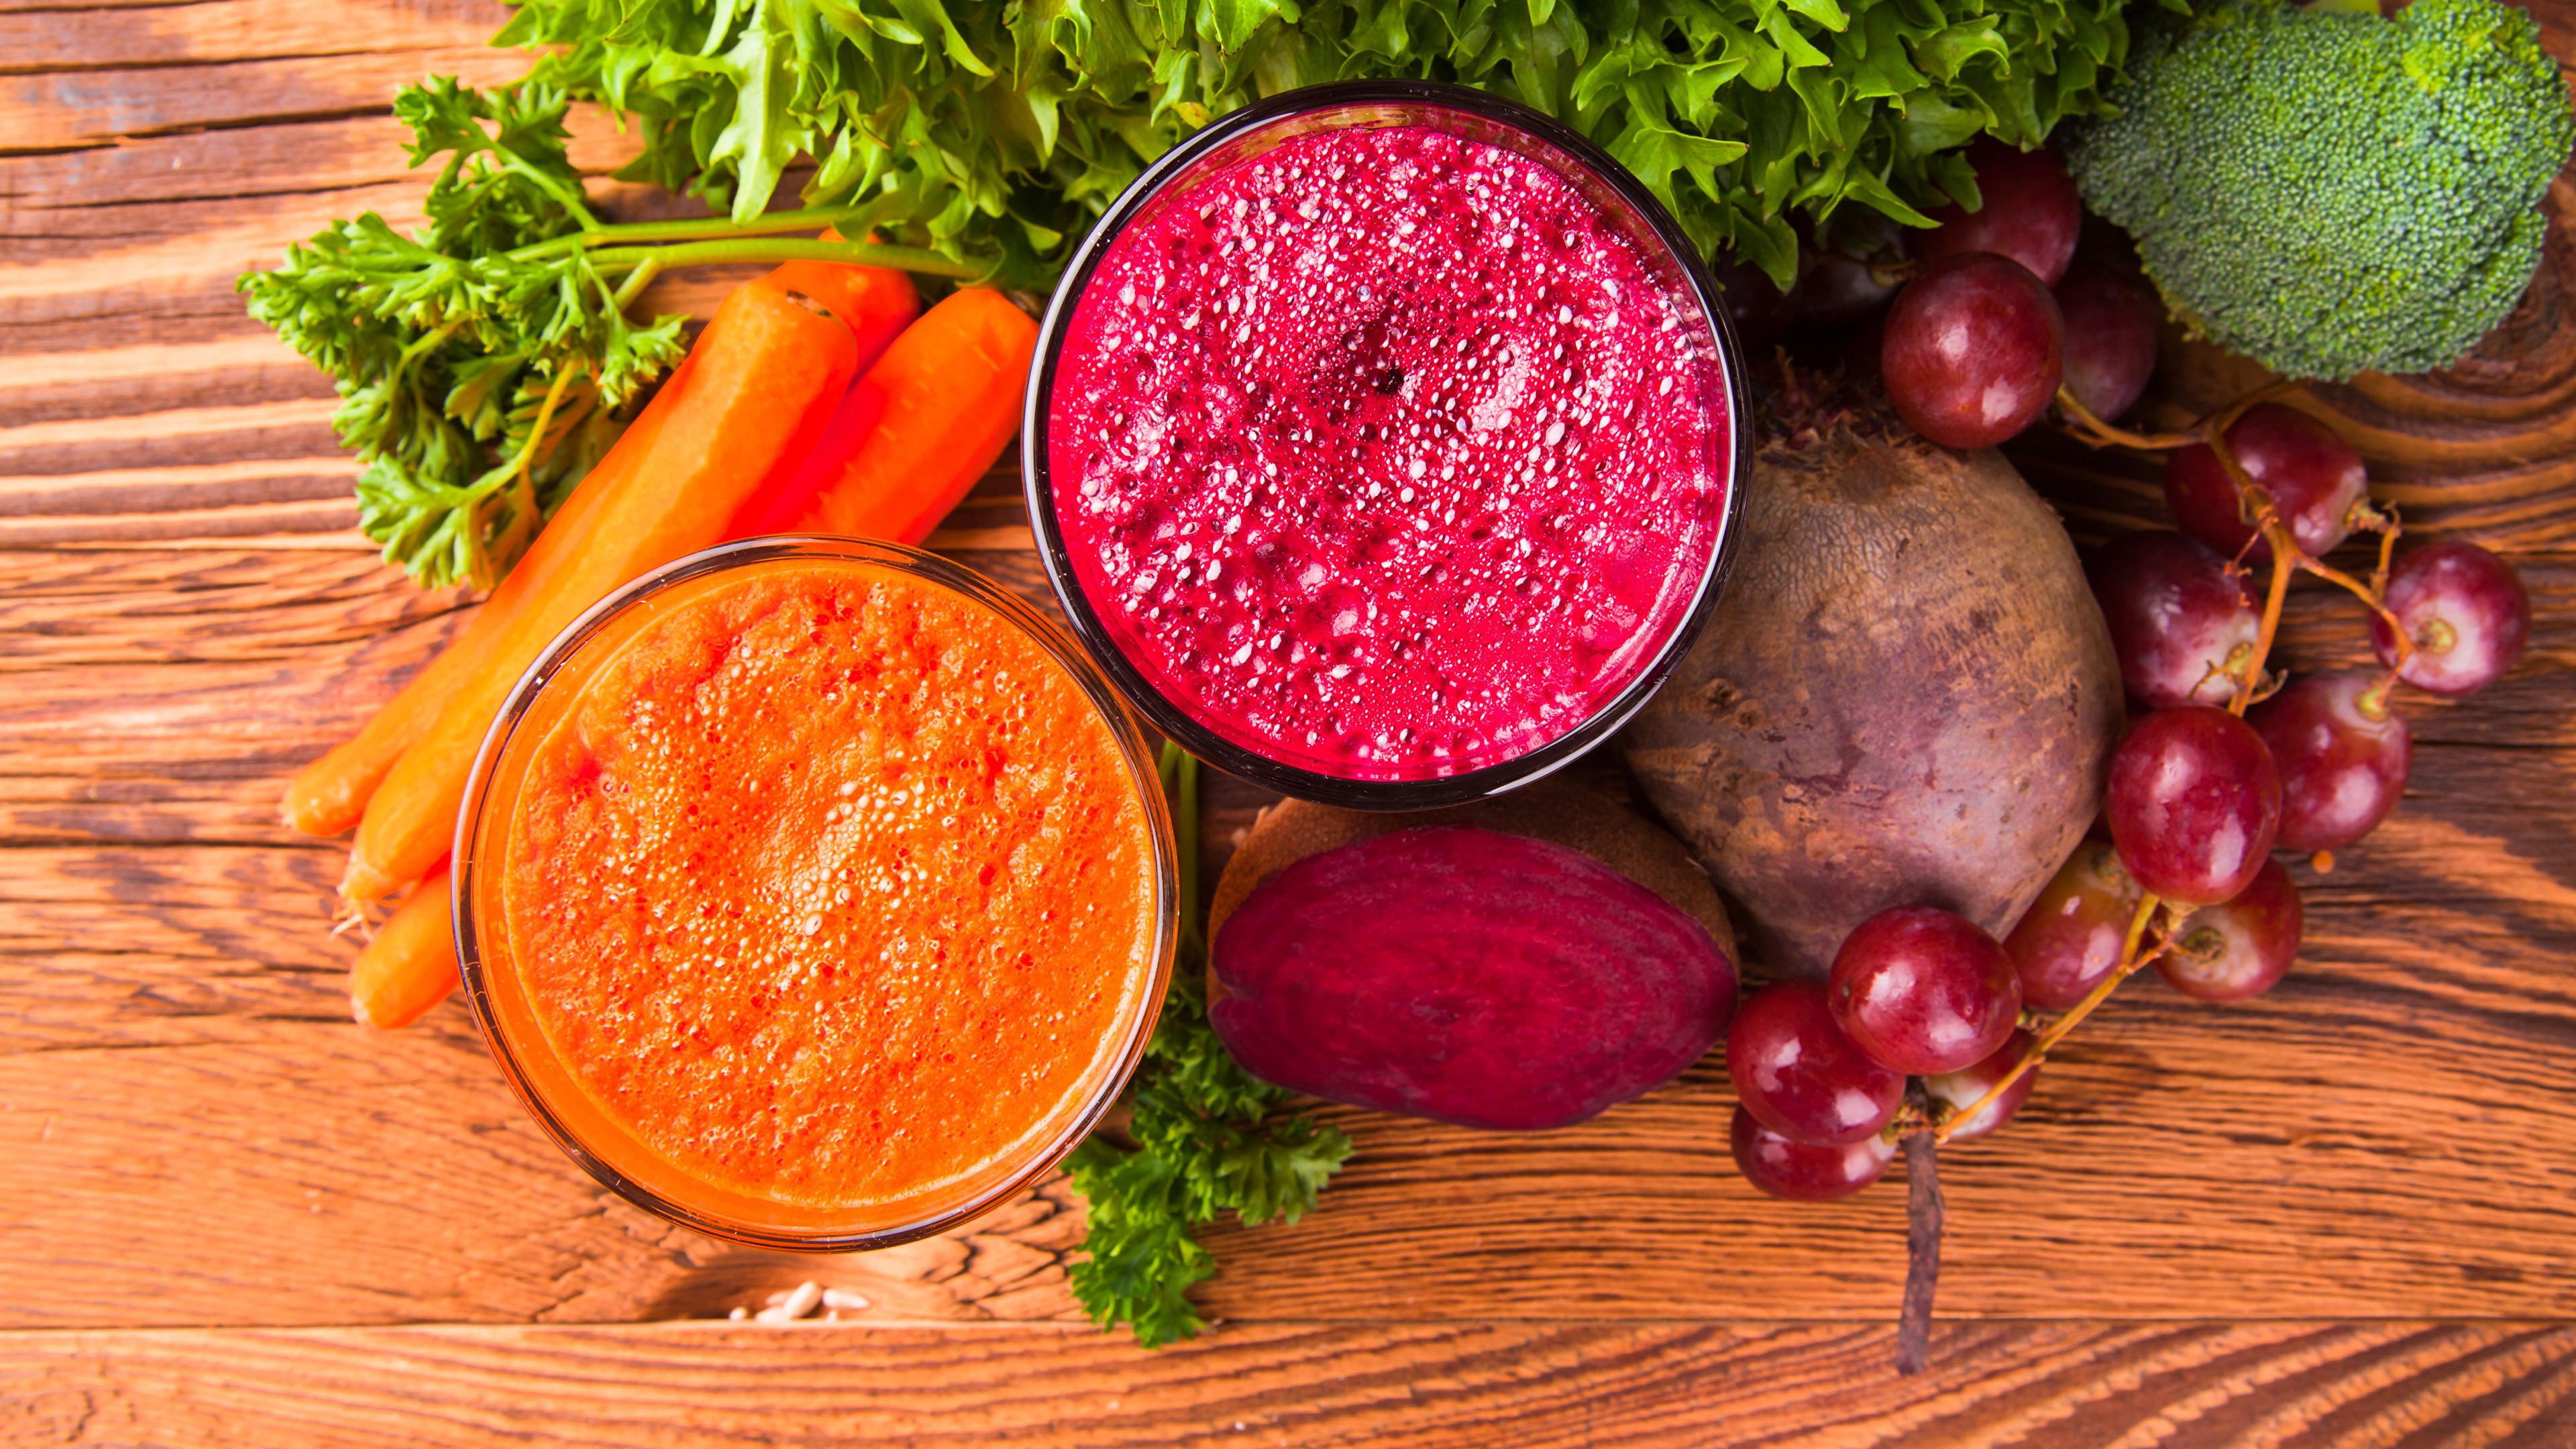 Обои Еда Смузи Доски Морковь вдвоем Виноград Овощи стакане Свекла 3840x2160 Пища Продукты питания 2 Двое Стакан стакана свёкла